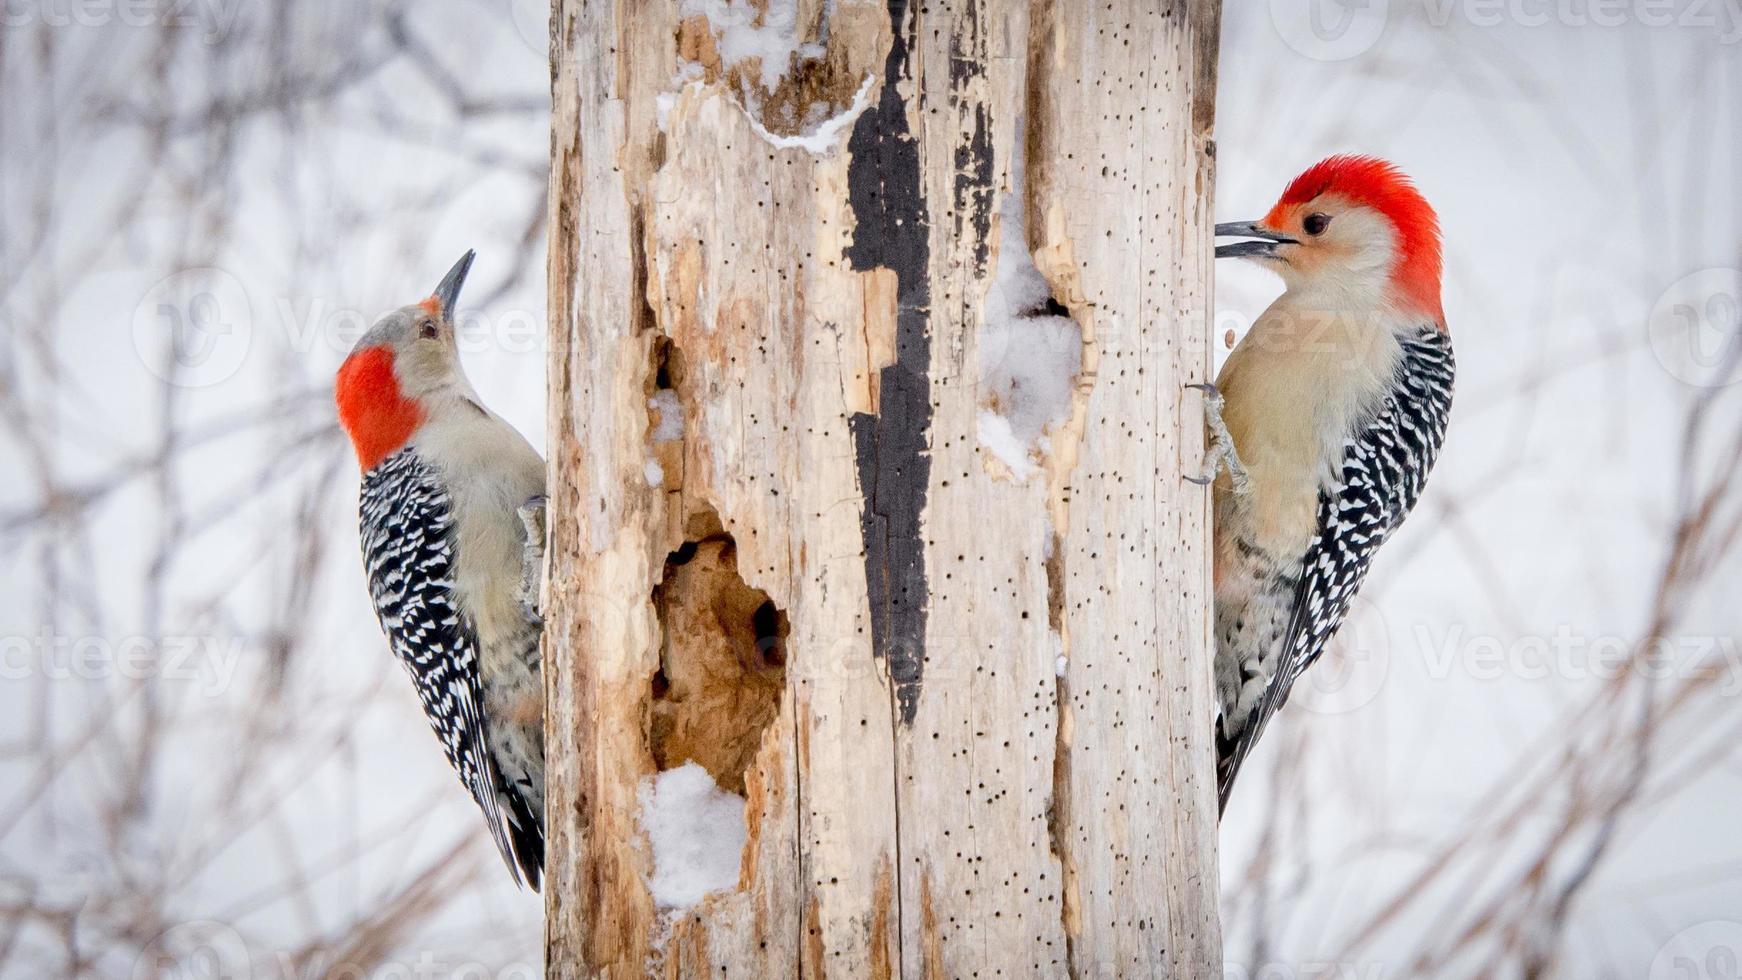 Woodpeckers on rotten tree stump photo